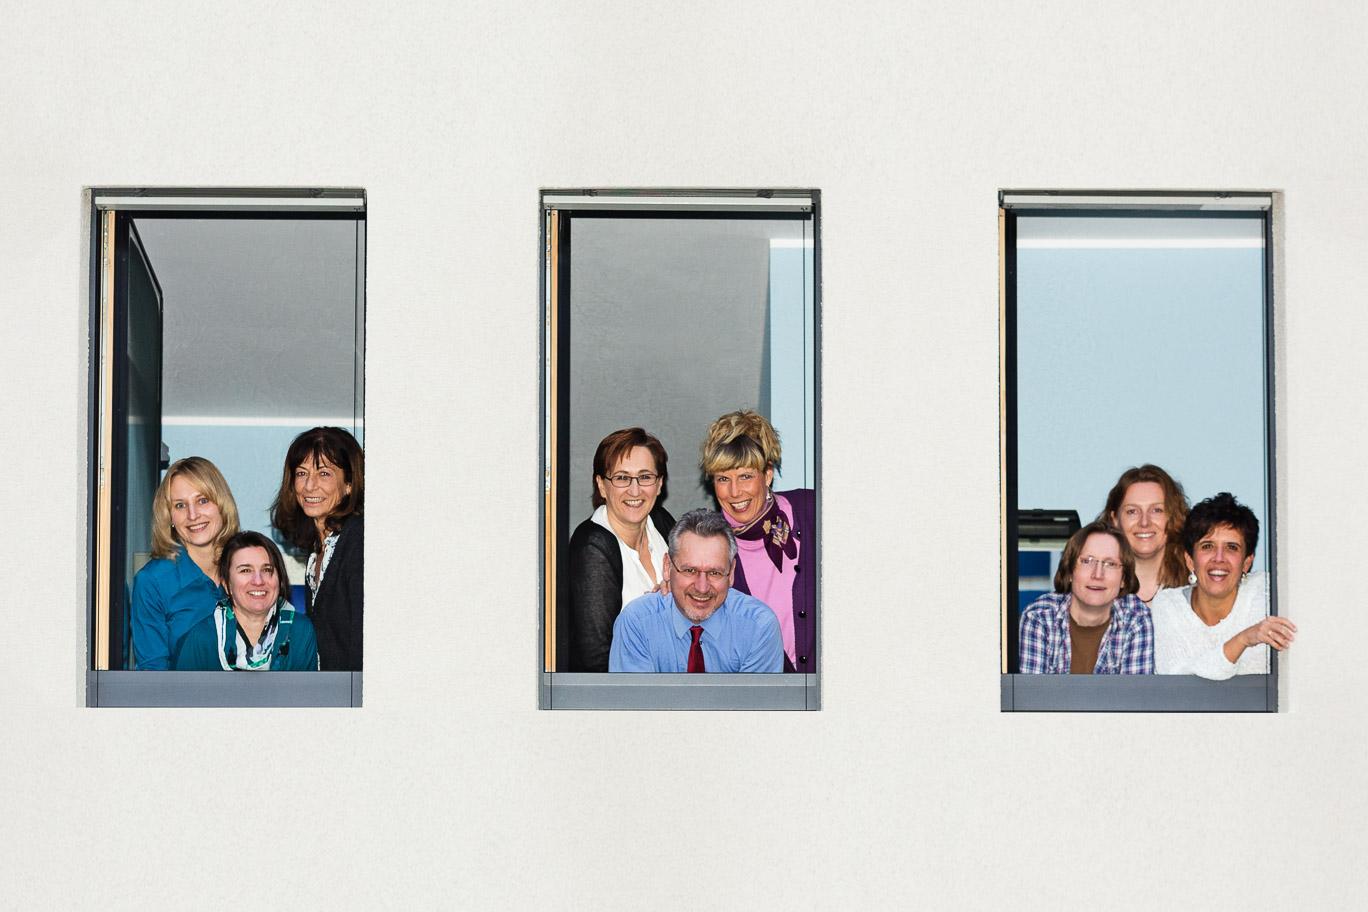 Das Team der Arztpraxis zeigt sich in den Fenstern